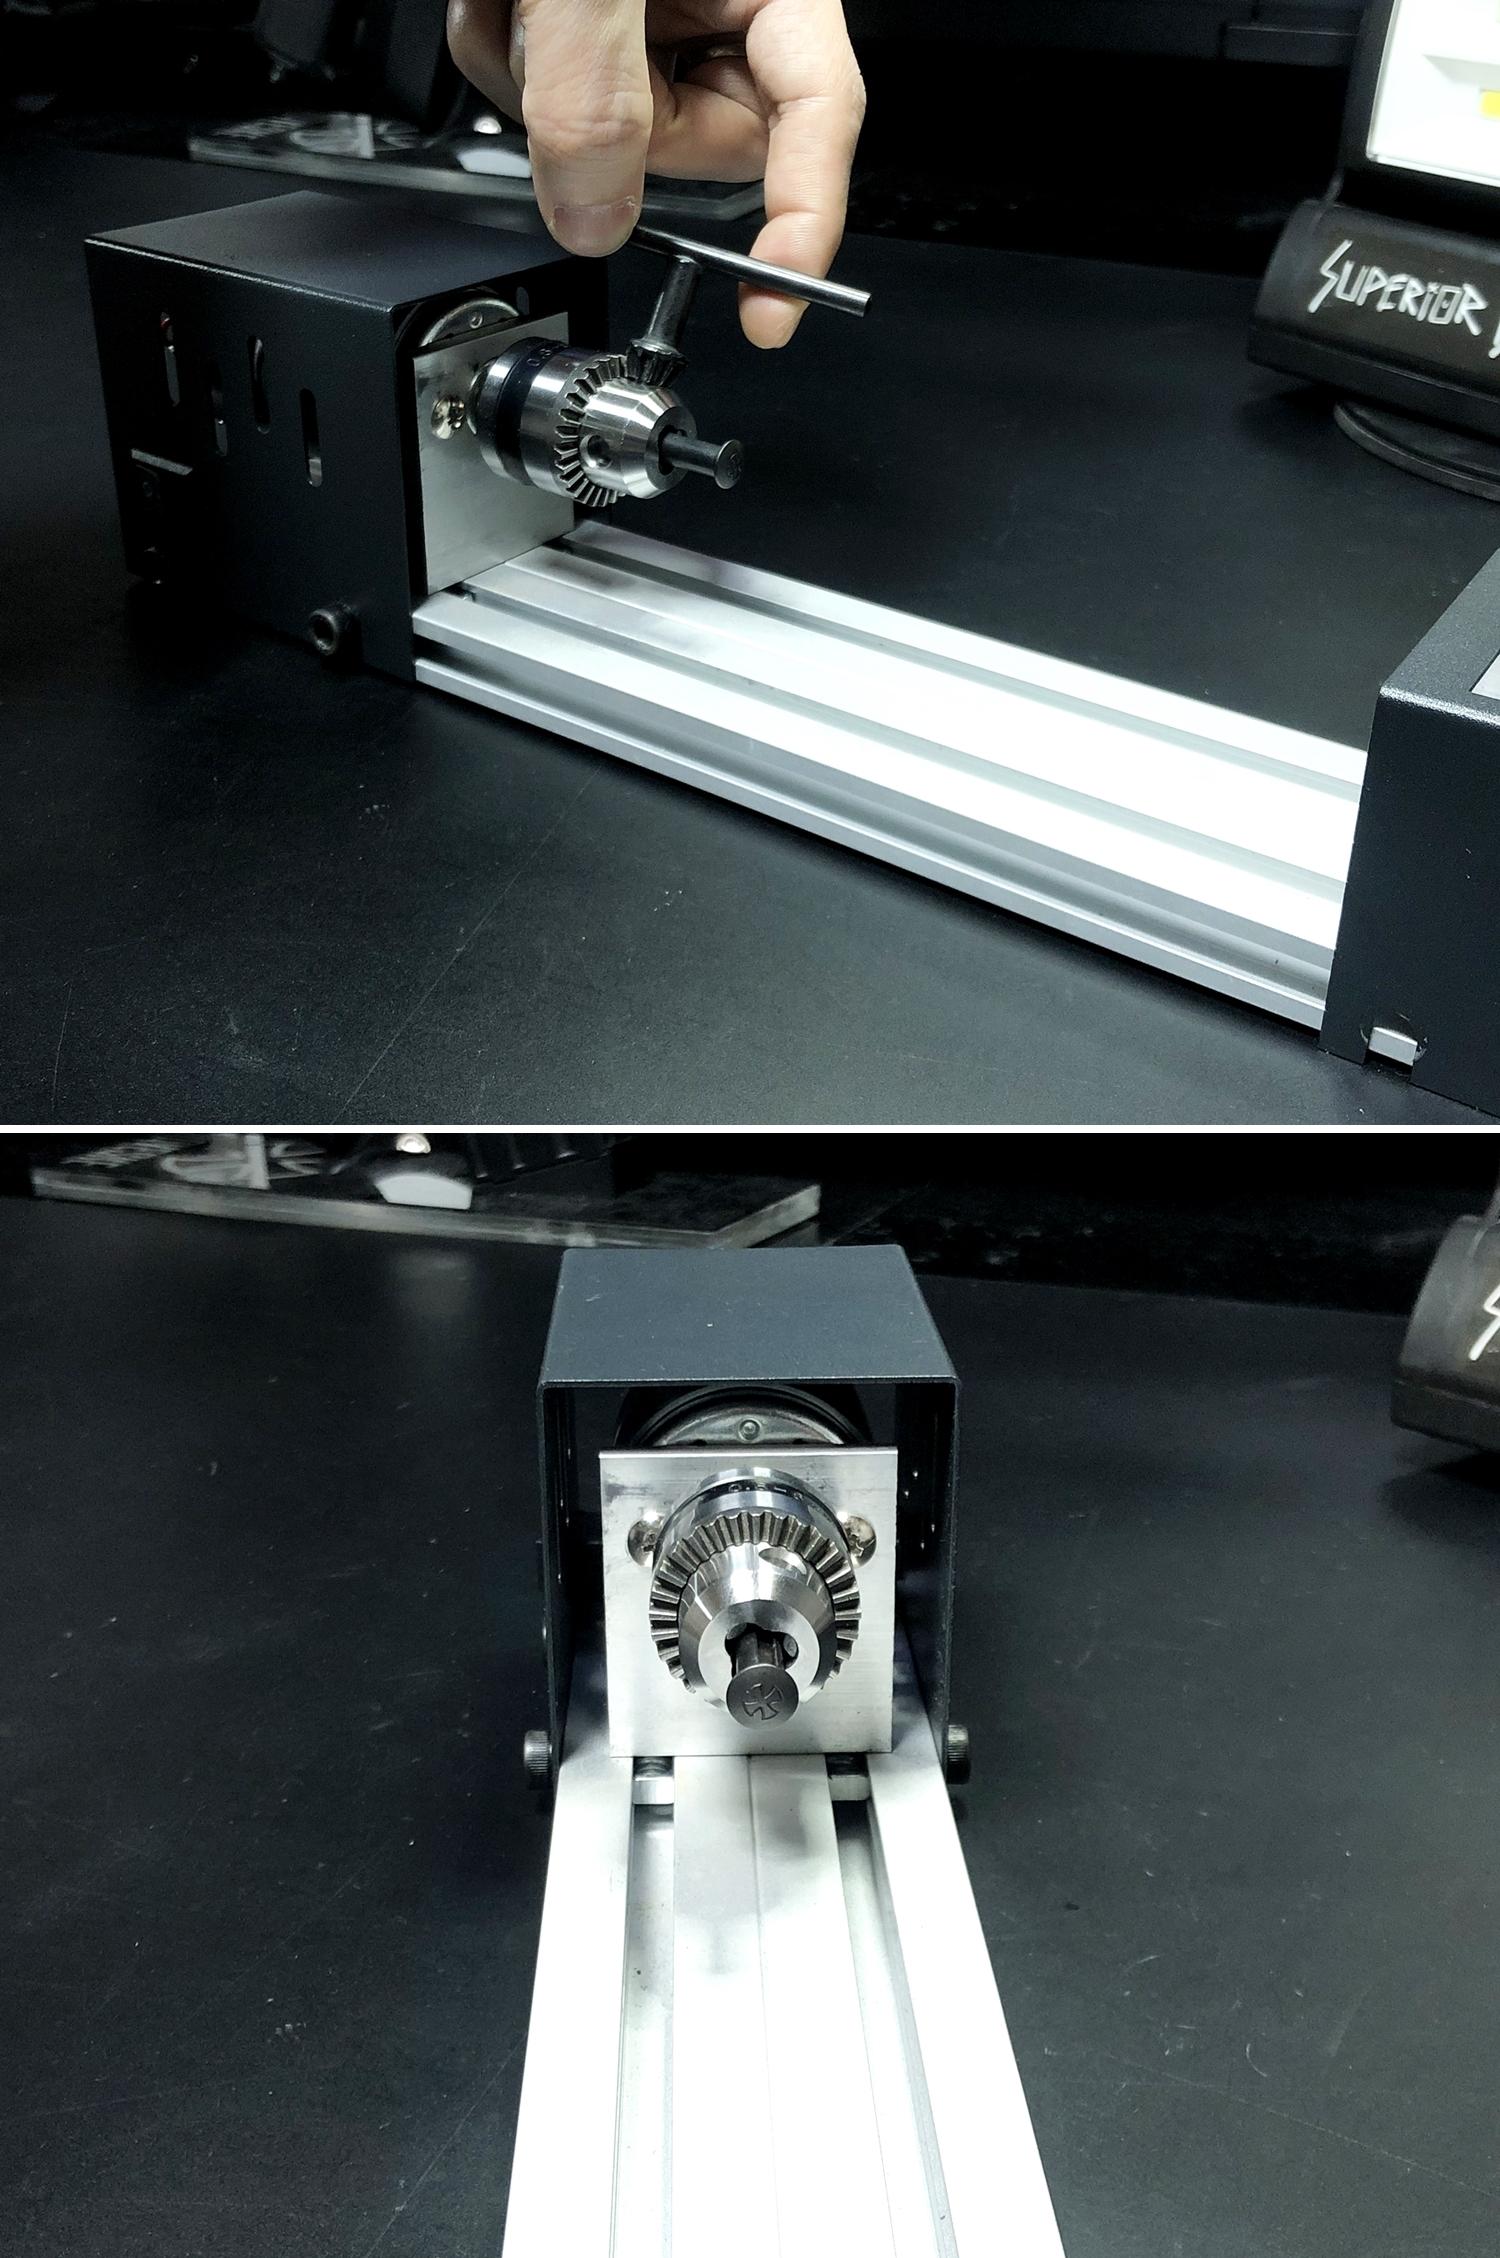 8 実物 NOVESKE AR-15 TAKEDOWN & PIVOT STEEL PIN!! 実物ピンを次世代M4へ対応させるべく簡易的DIY加工だ!ノベスケ ノベスキー スチール テイクダウン ピポッドピン! DIY 加工 カスタム 簡易的 旋盤加工 取付 レビ